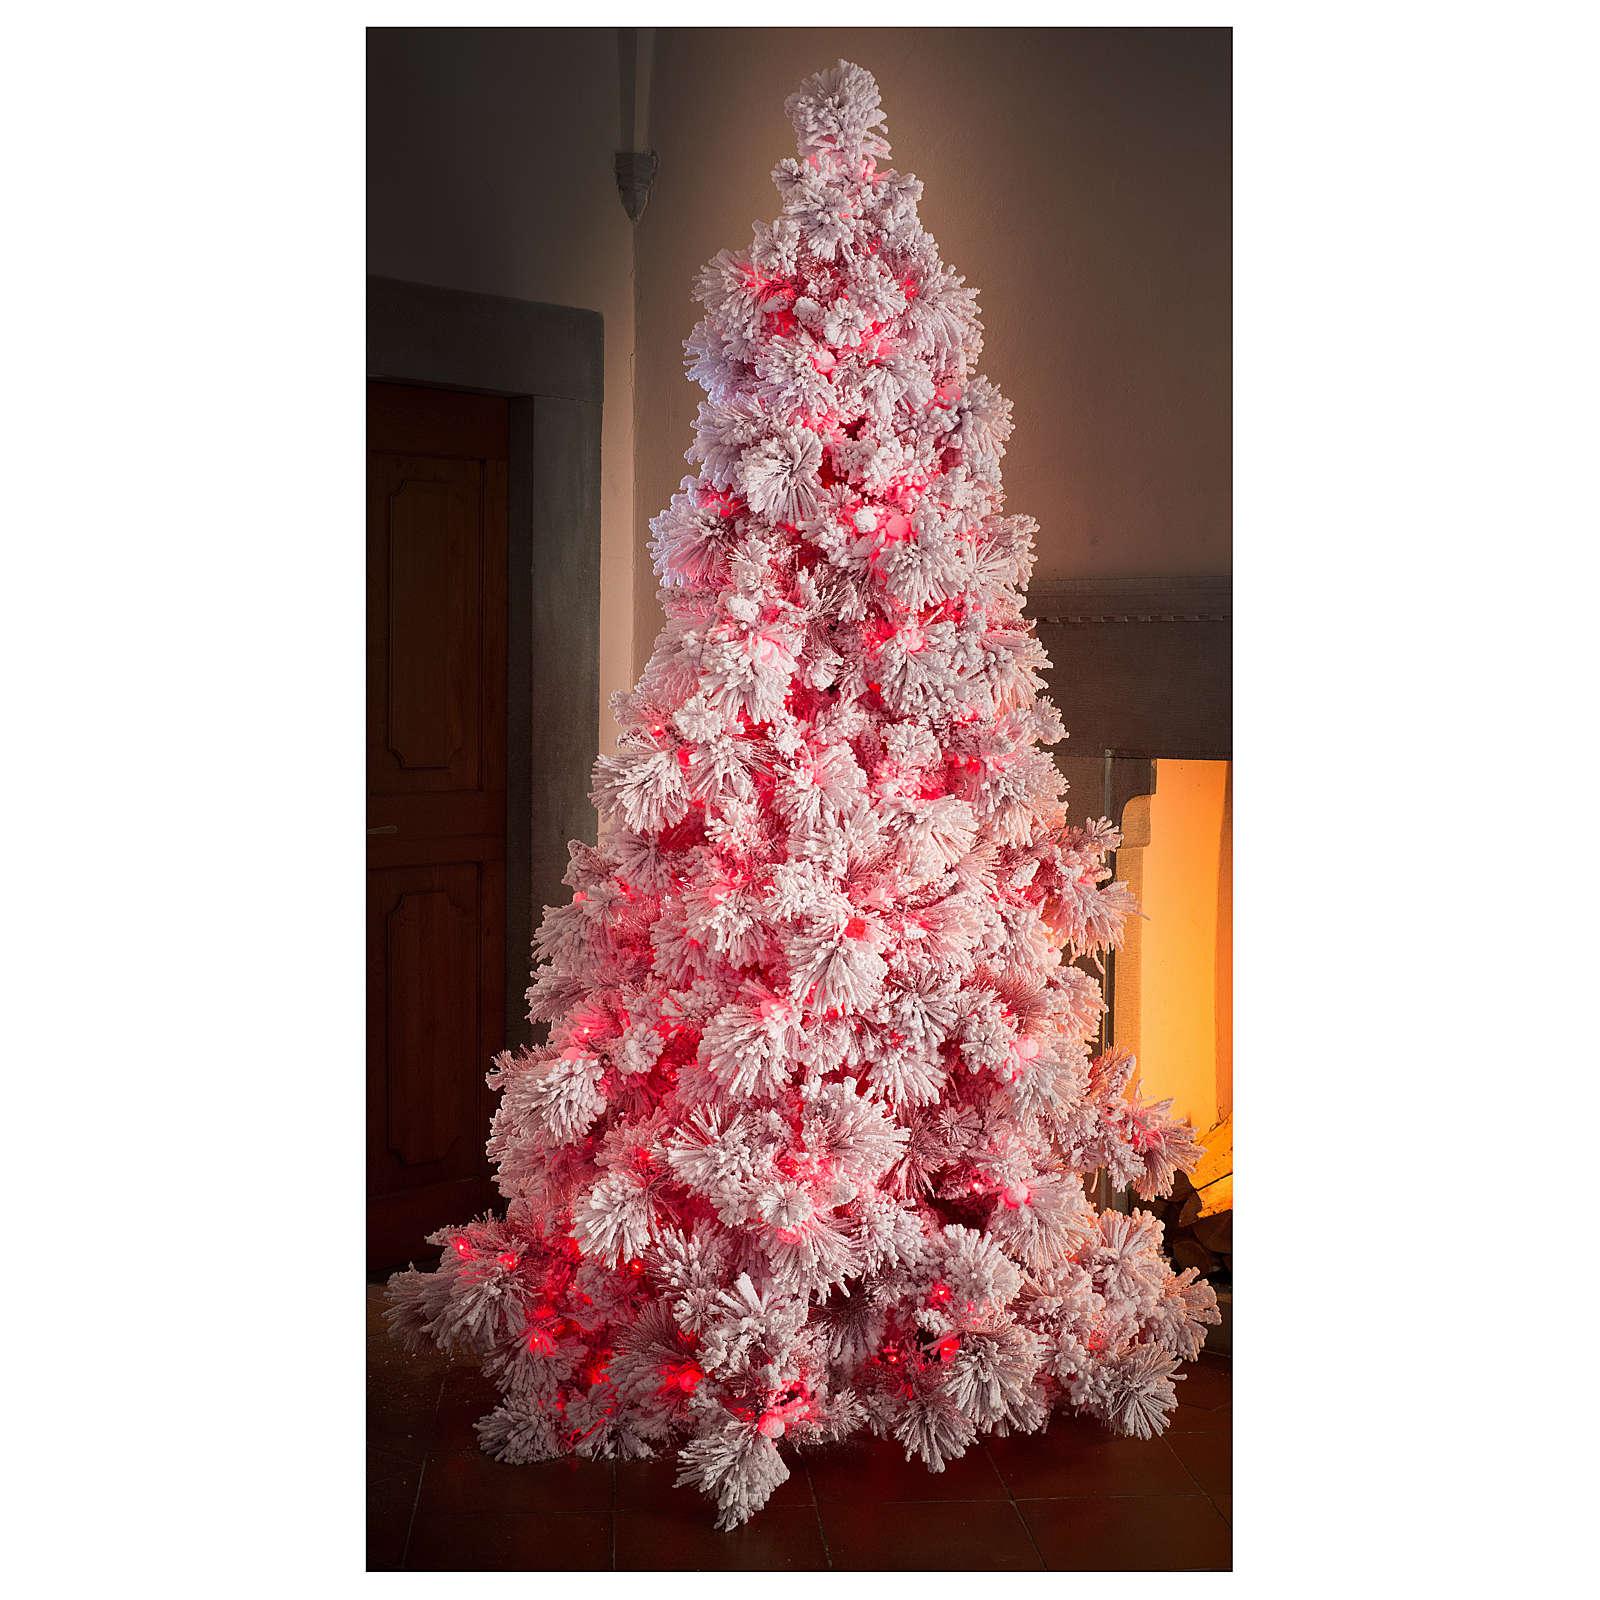 Albero Di Natale 500 Cm.Albero Di Natale 230 Cm Red Velvet Abete Innevato 500 Luci Led Uso Interno Vendita Online Su Holyart